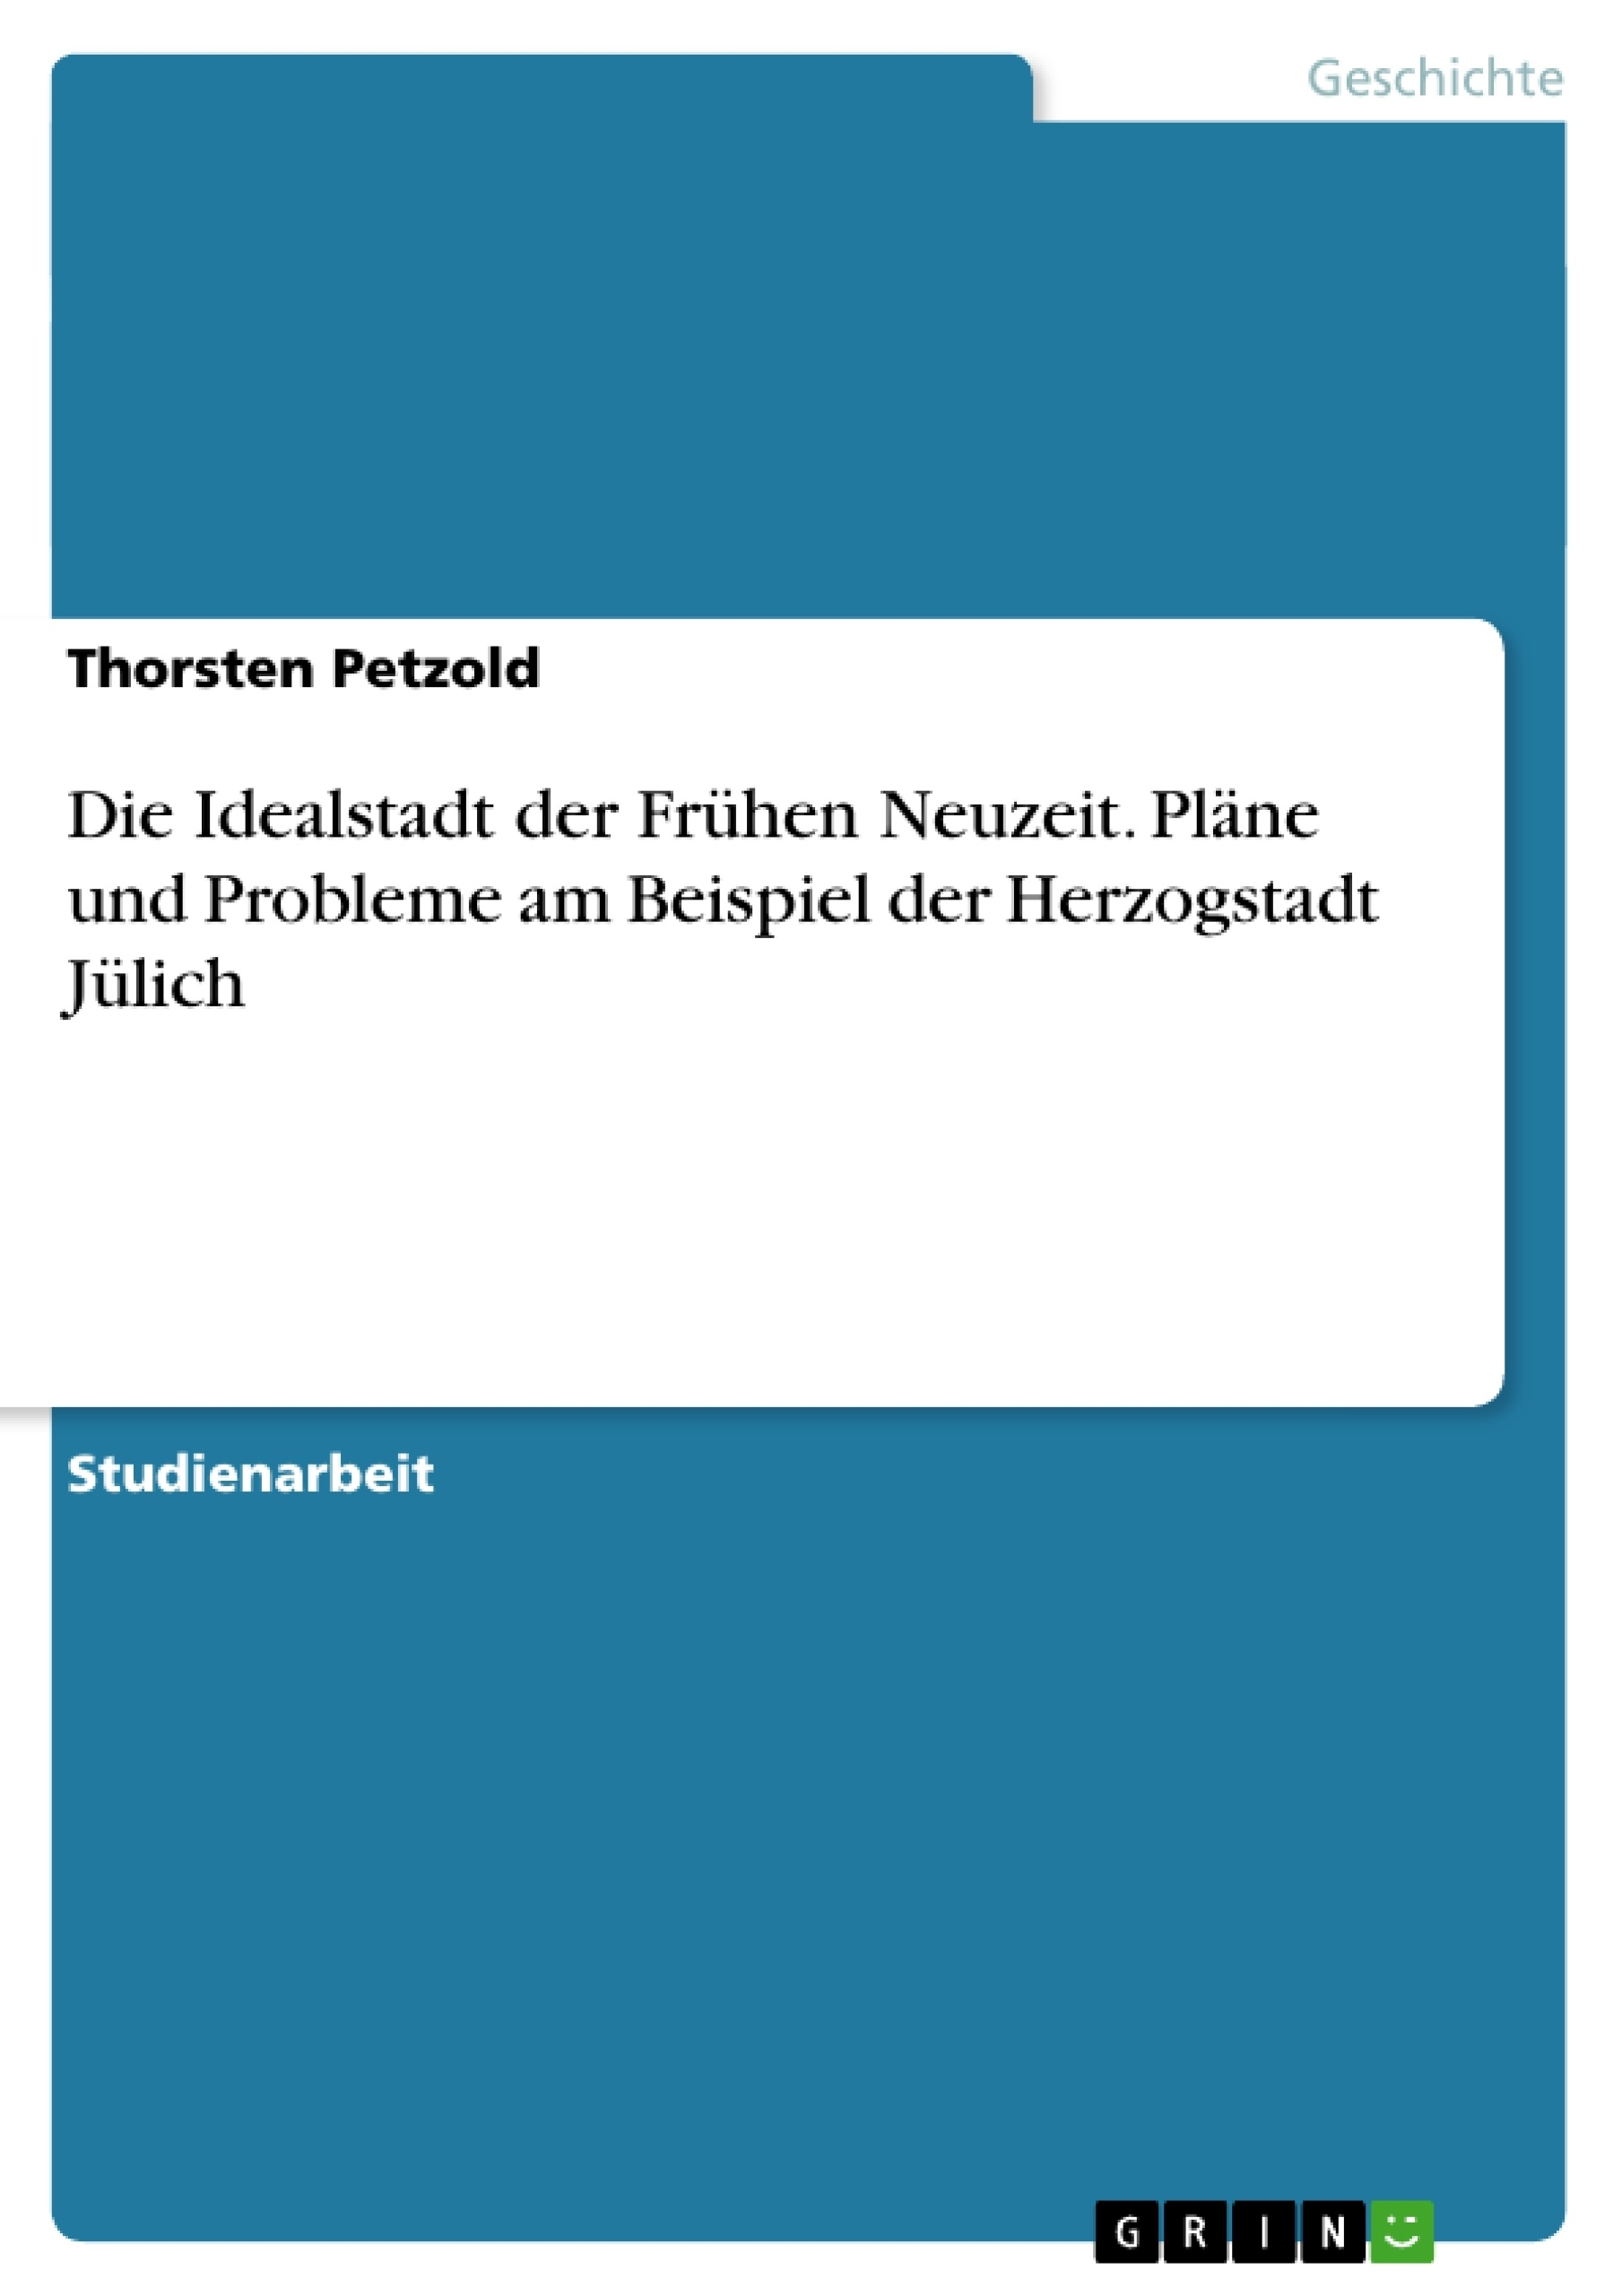 Titel: Die Idealstadt der Frühen Neuzeit. Pläne und Probleme am Beispiel der Herzogstadt Jülich